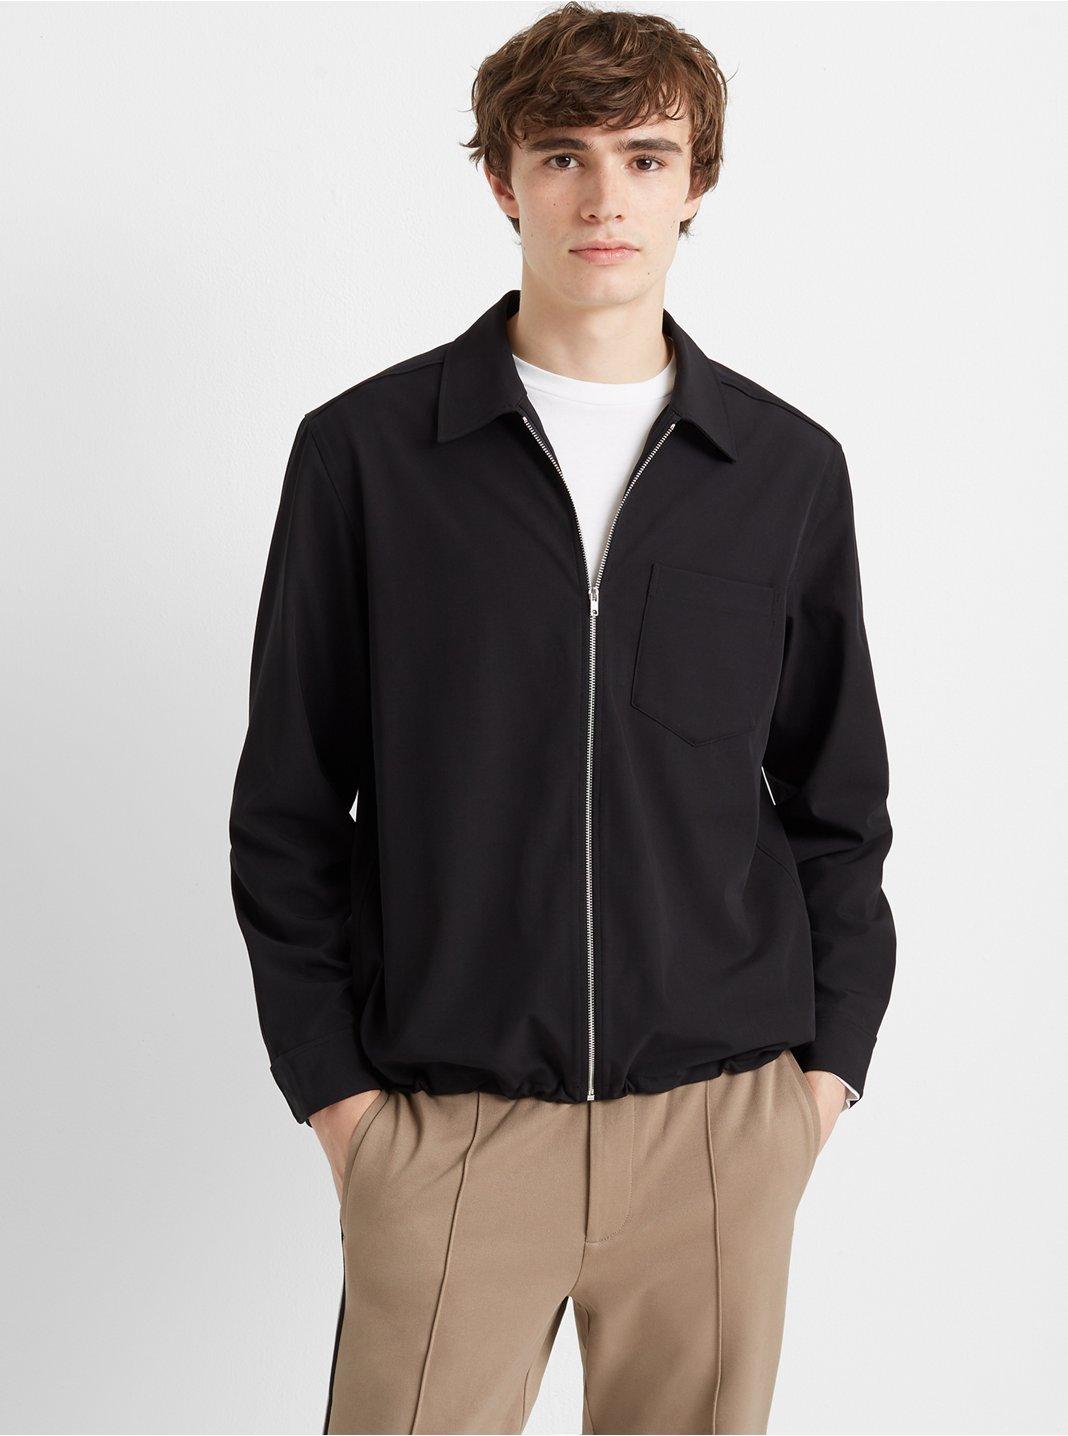 Lightweight Elastic Zip Jacket